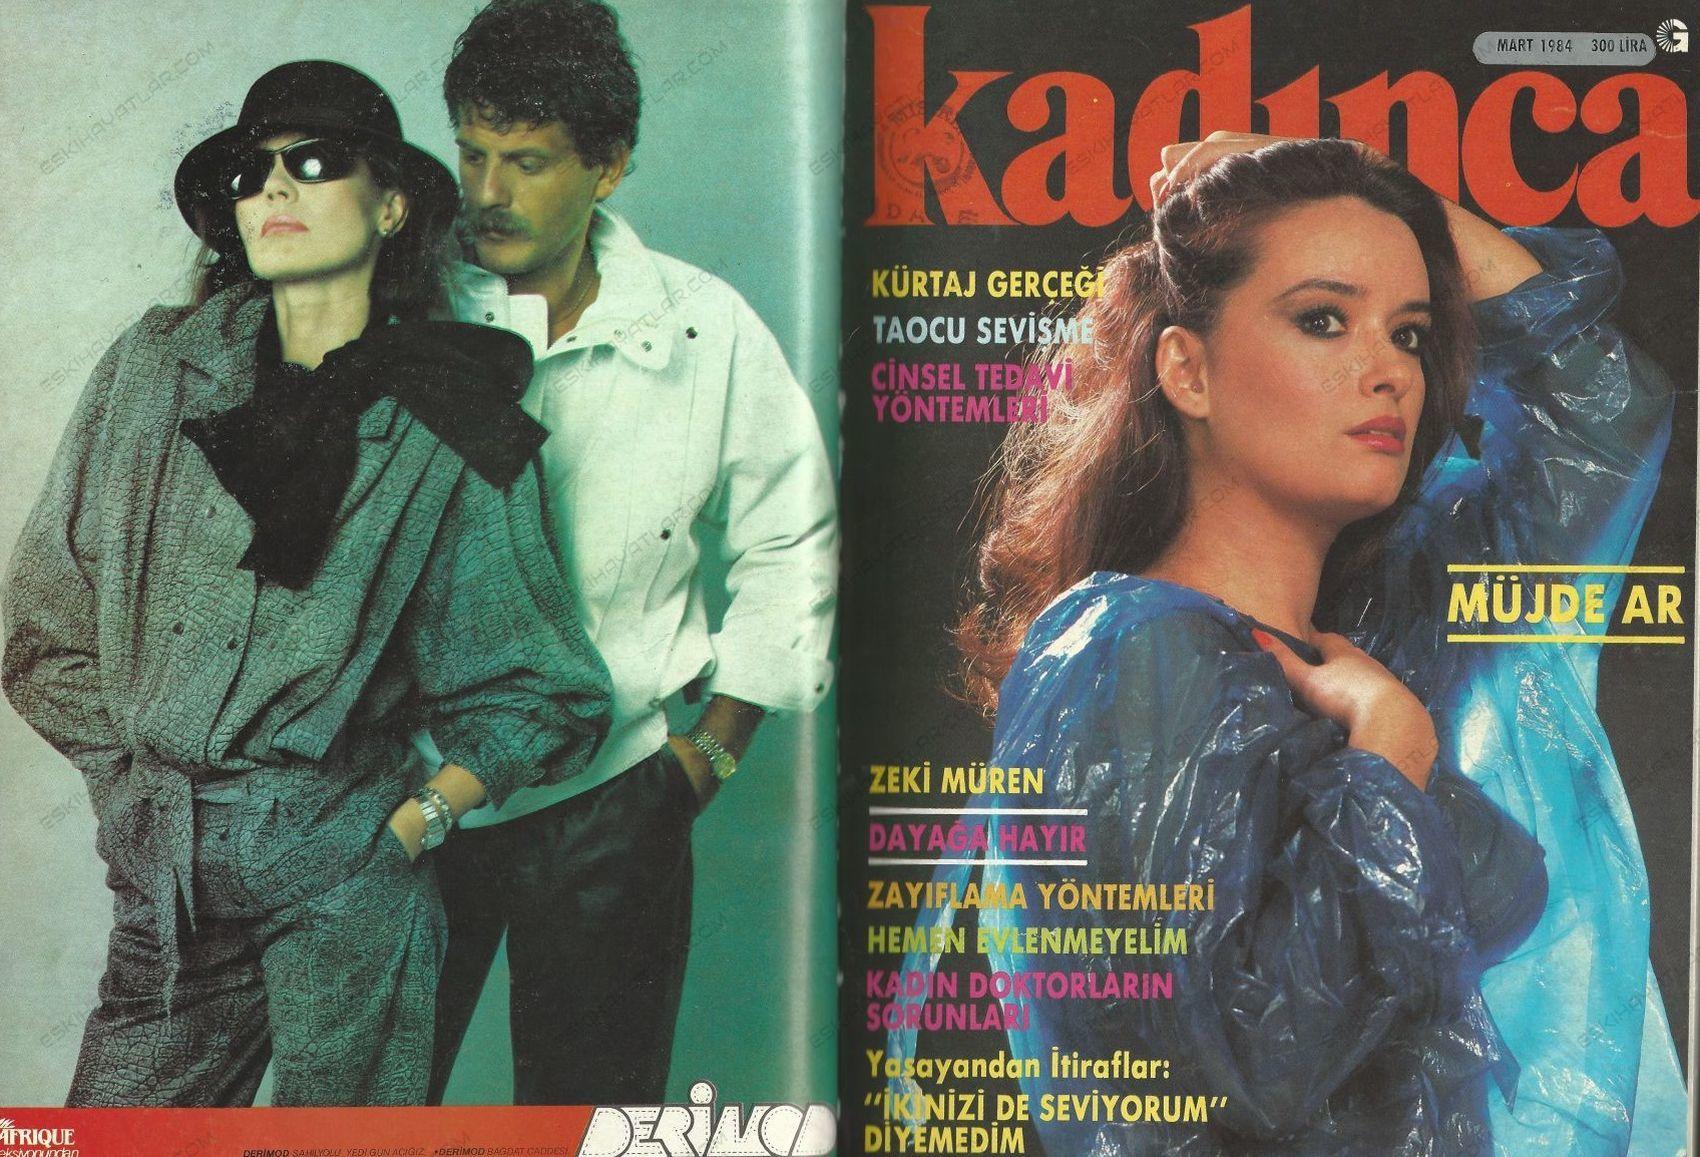 0133-zeki-muren-roportaji-1984-kadinca-dergisi (1)